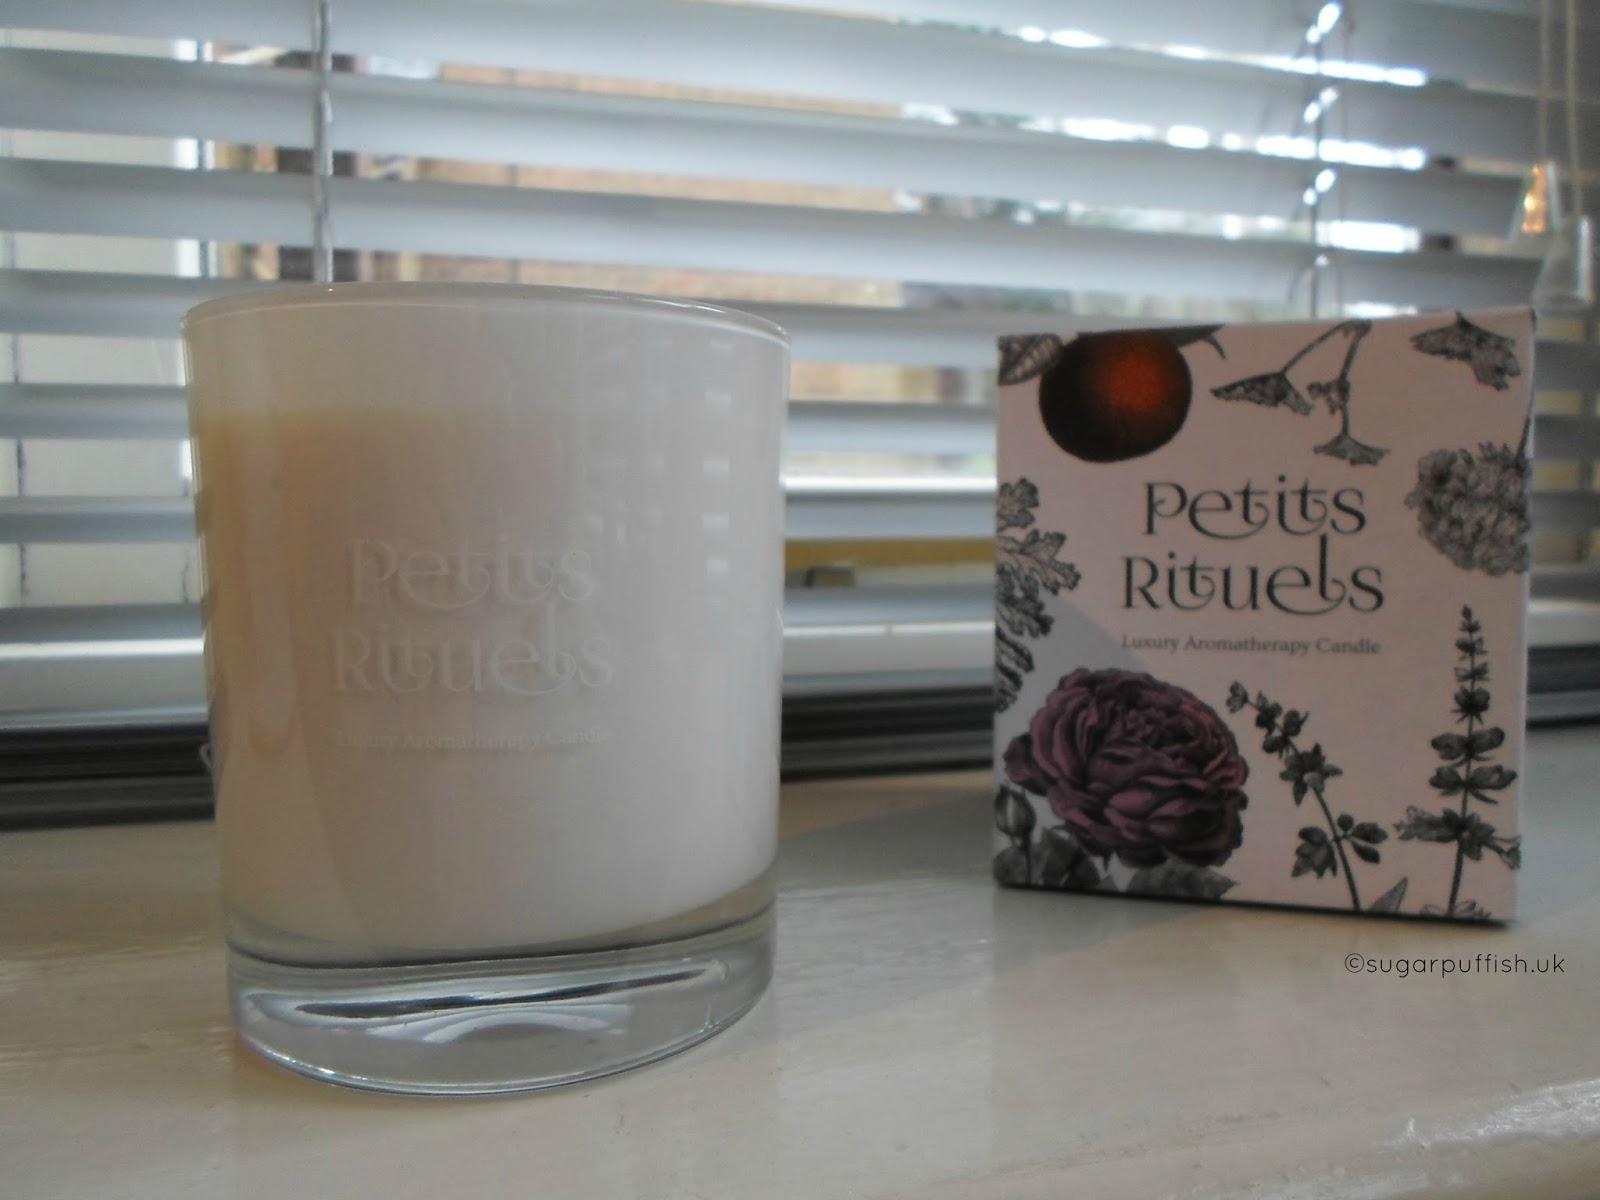 Petits Rituels Luxury Organic Aromatherapy Candles